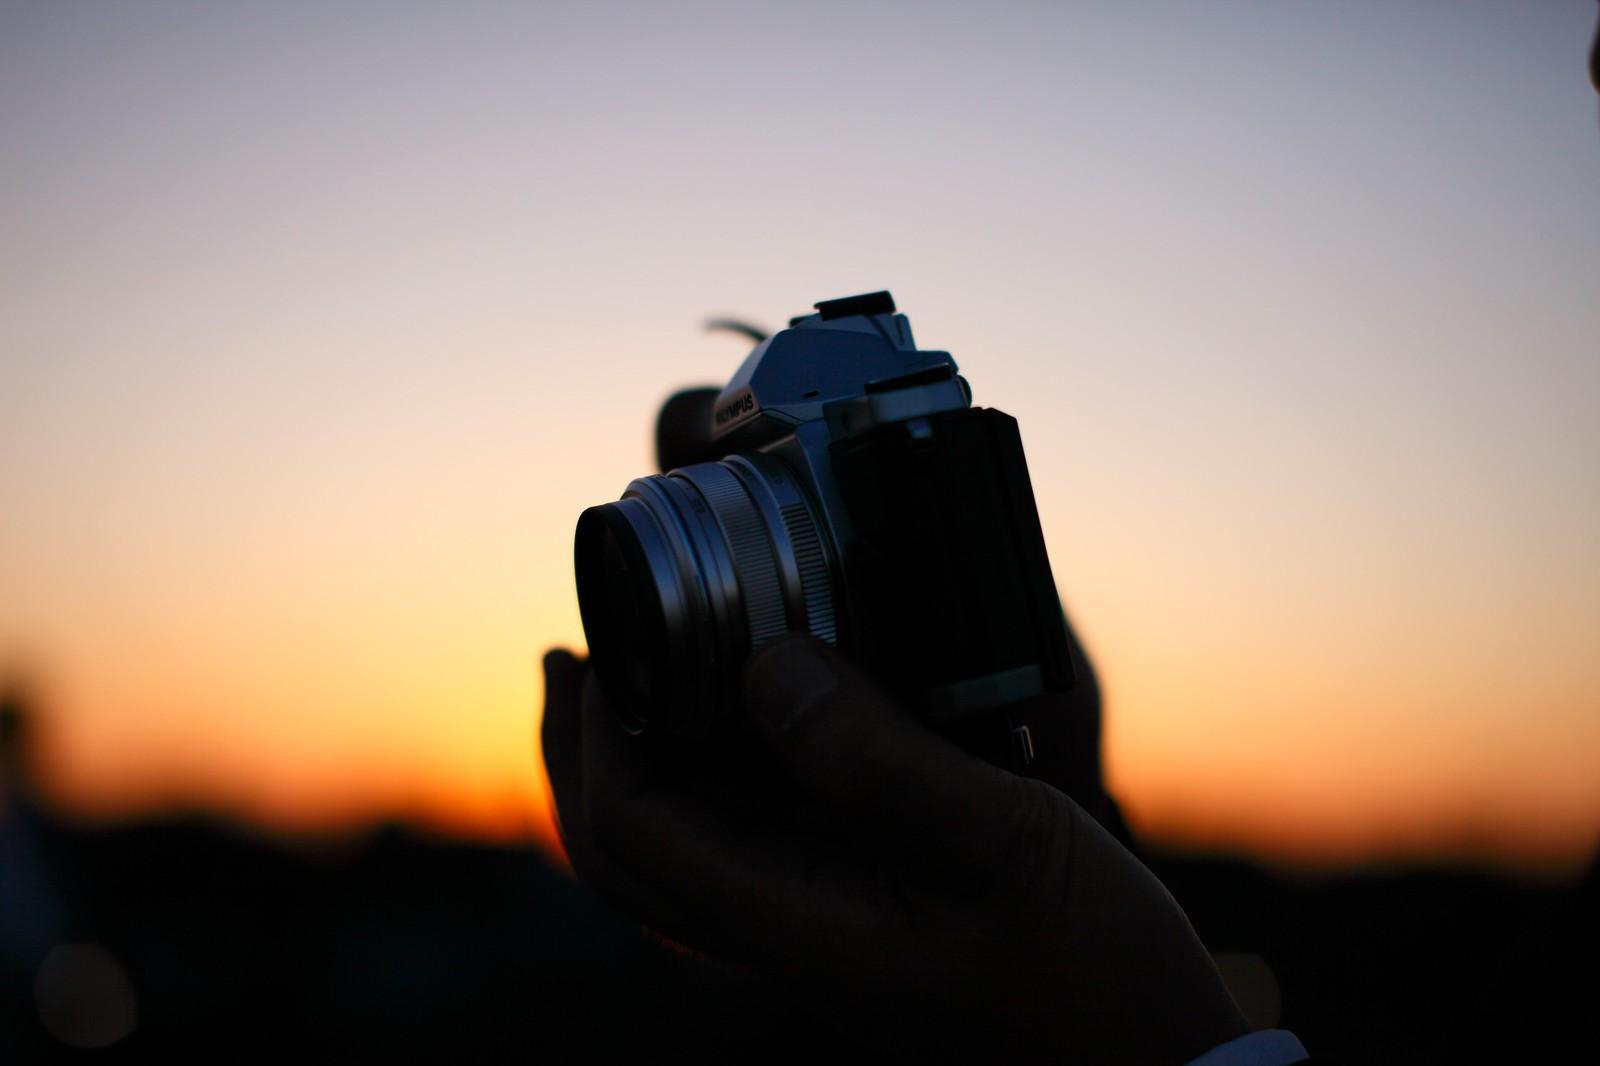 モノクロ写真がかっこよく撮れるカメラ